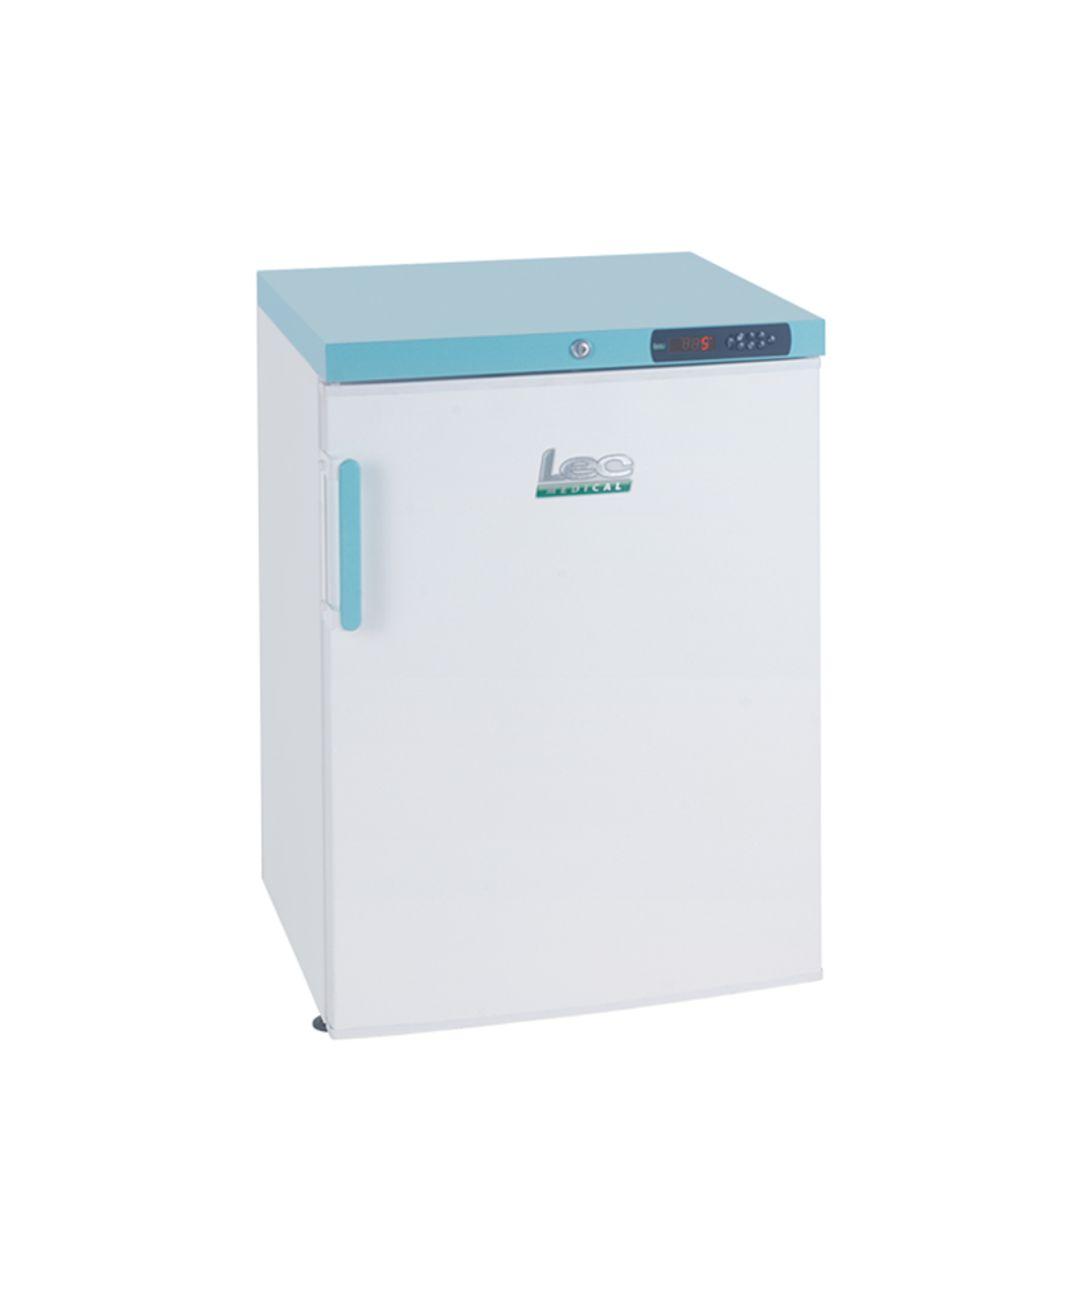 Lec Laboratory Freezer (LSFSF98UK) 595W x 850H x 660D -18°C to -25°C